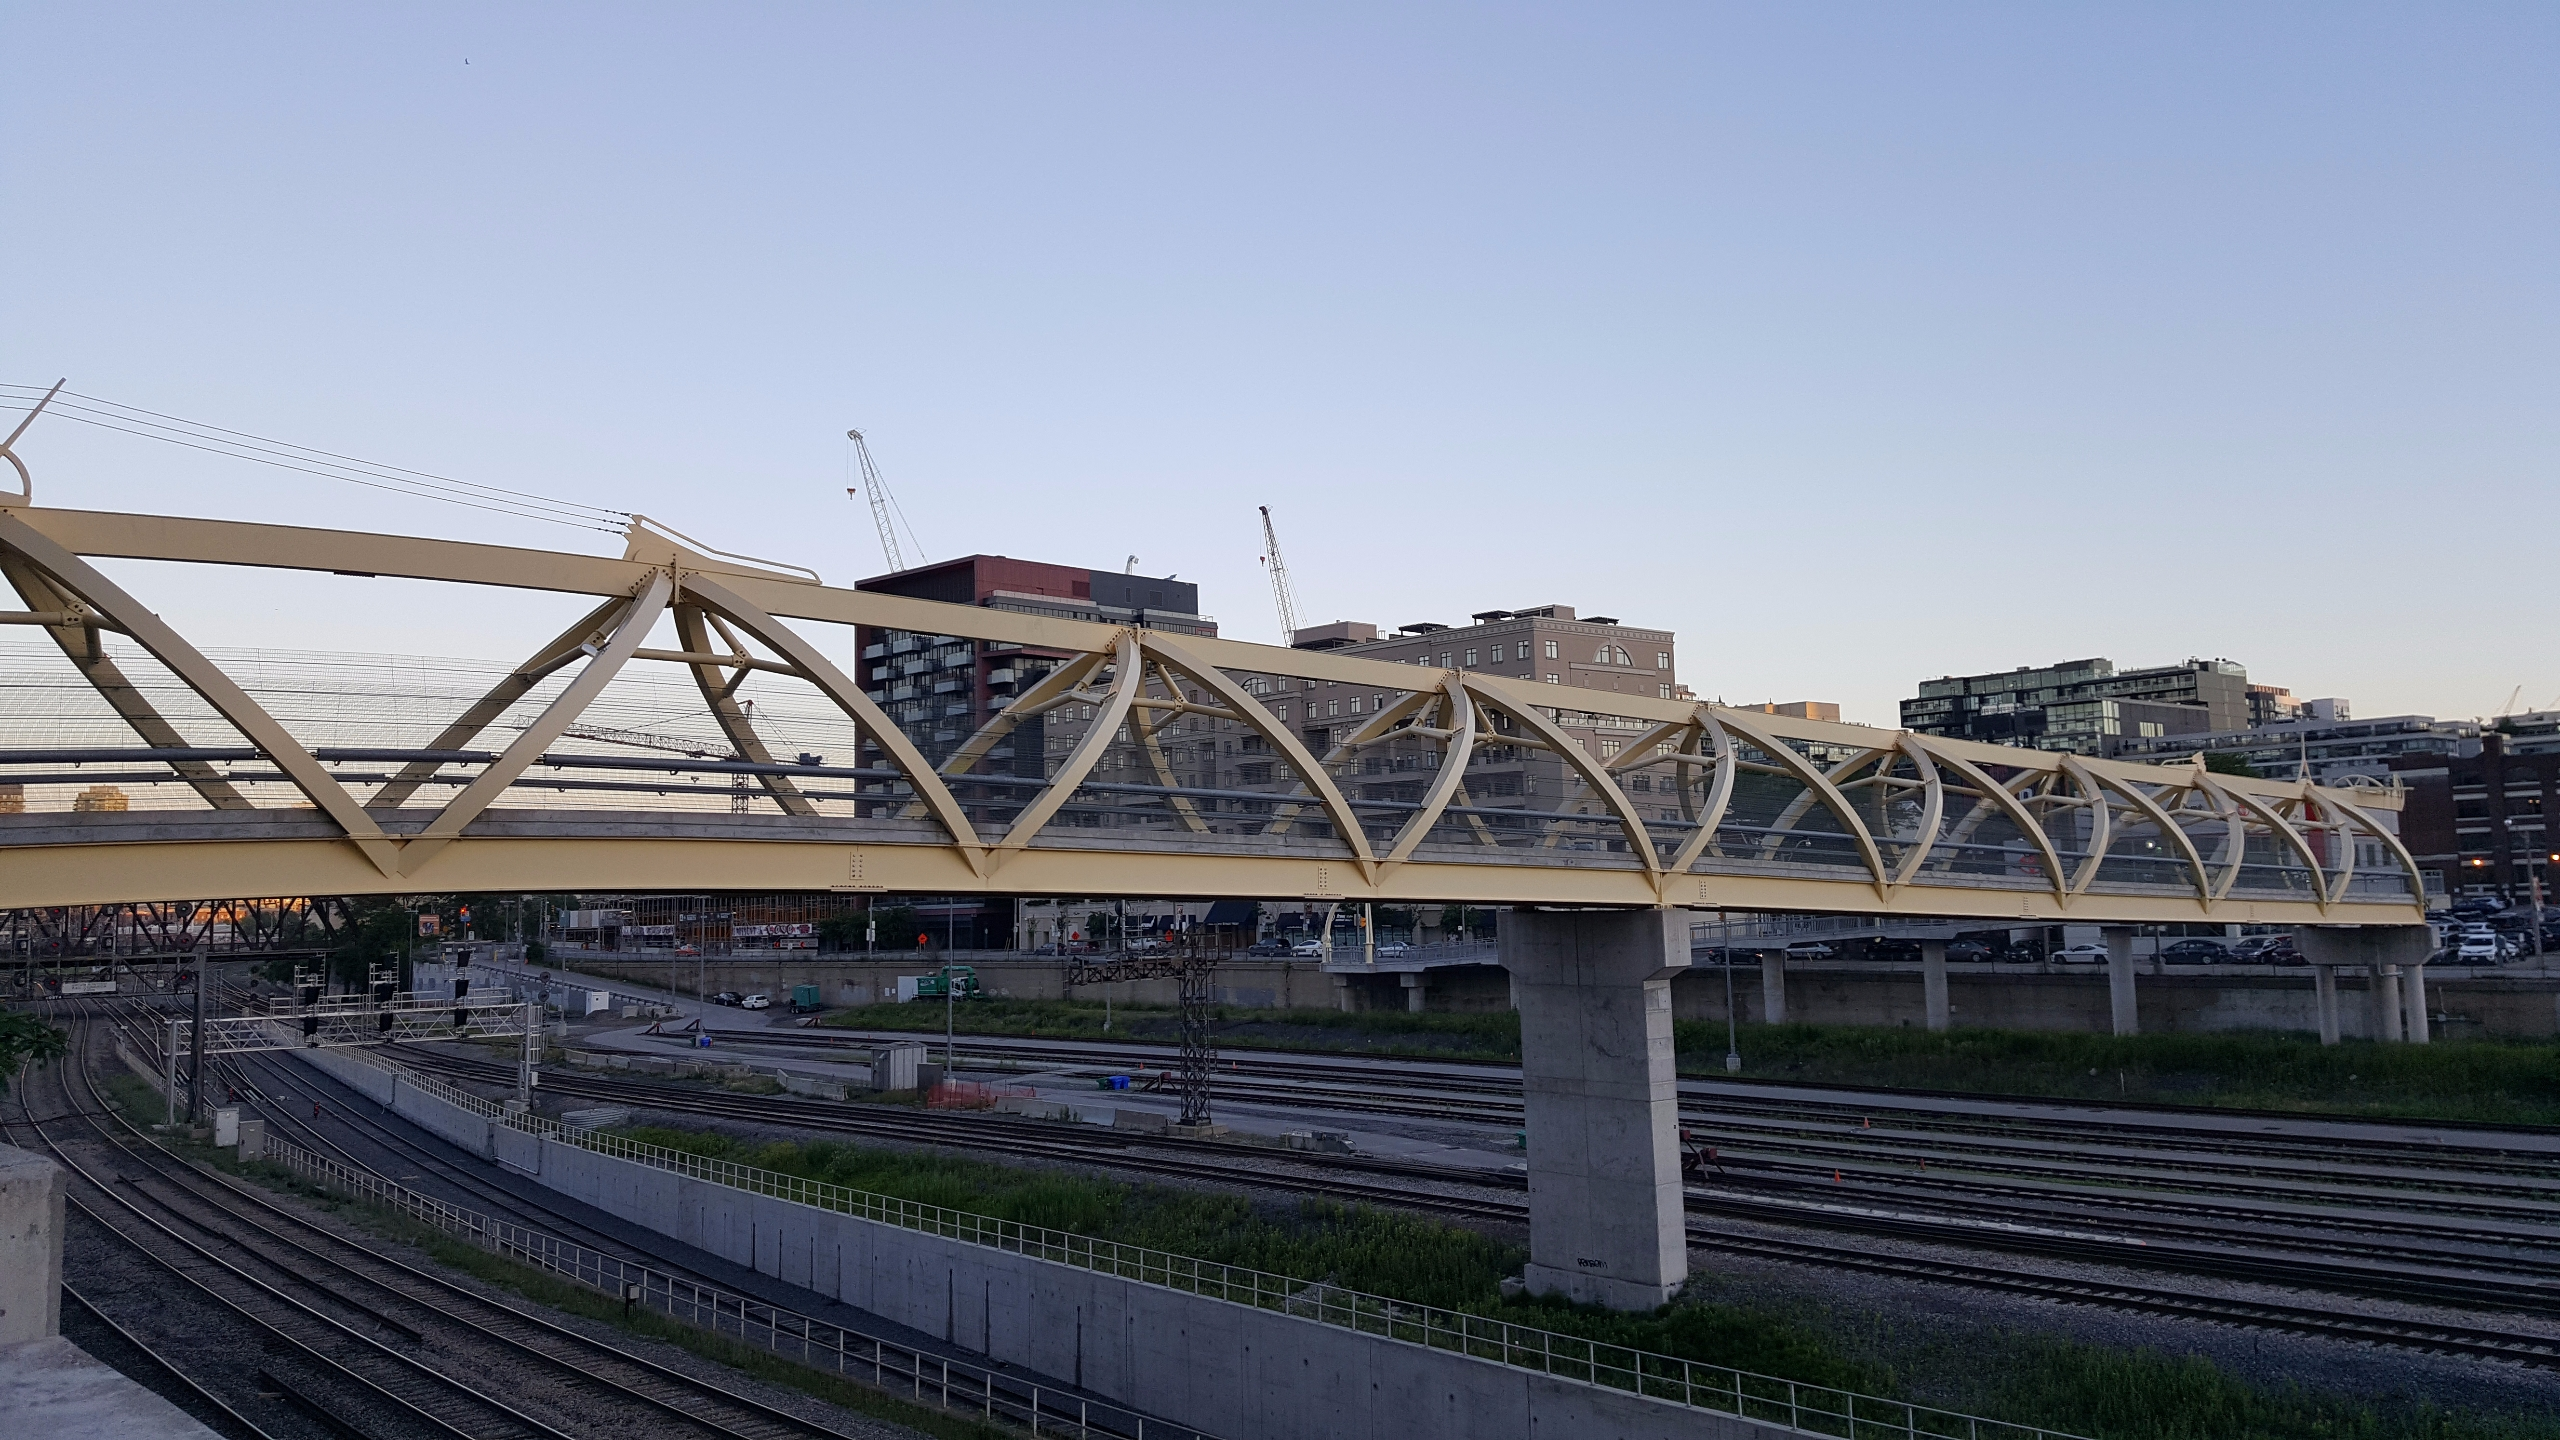 Puente de Luz, bridge light - T - koutayba | ello